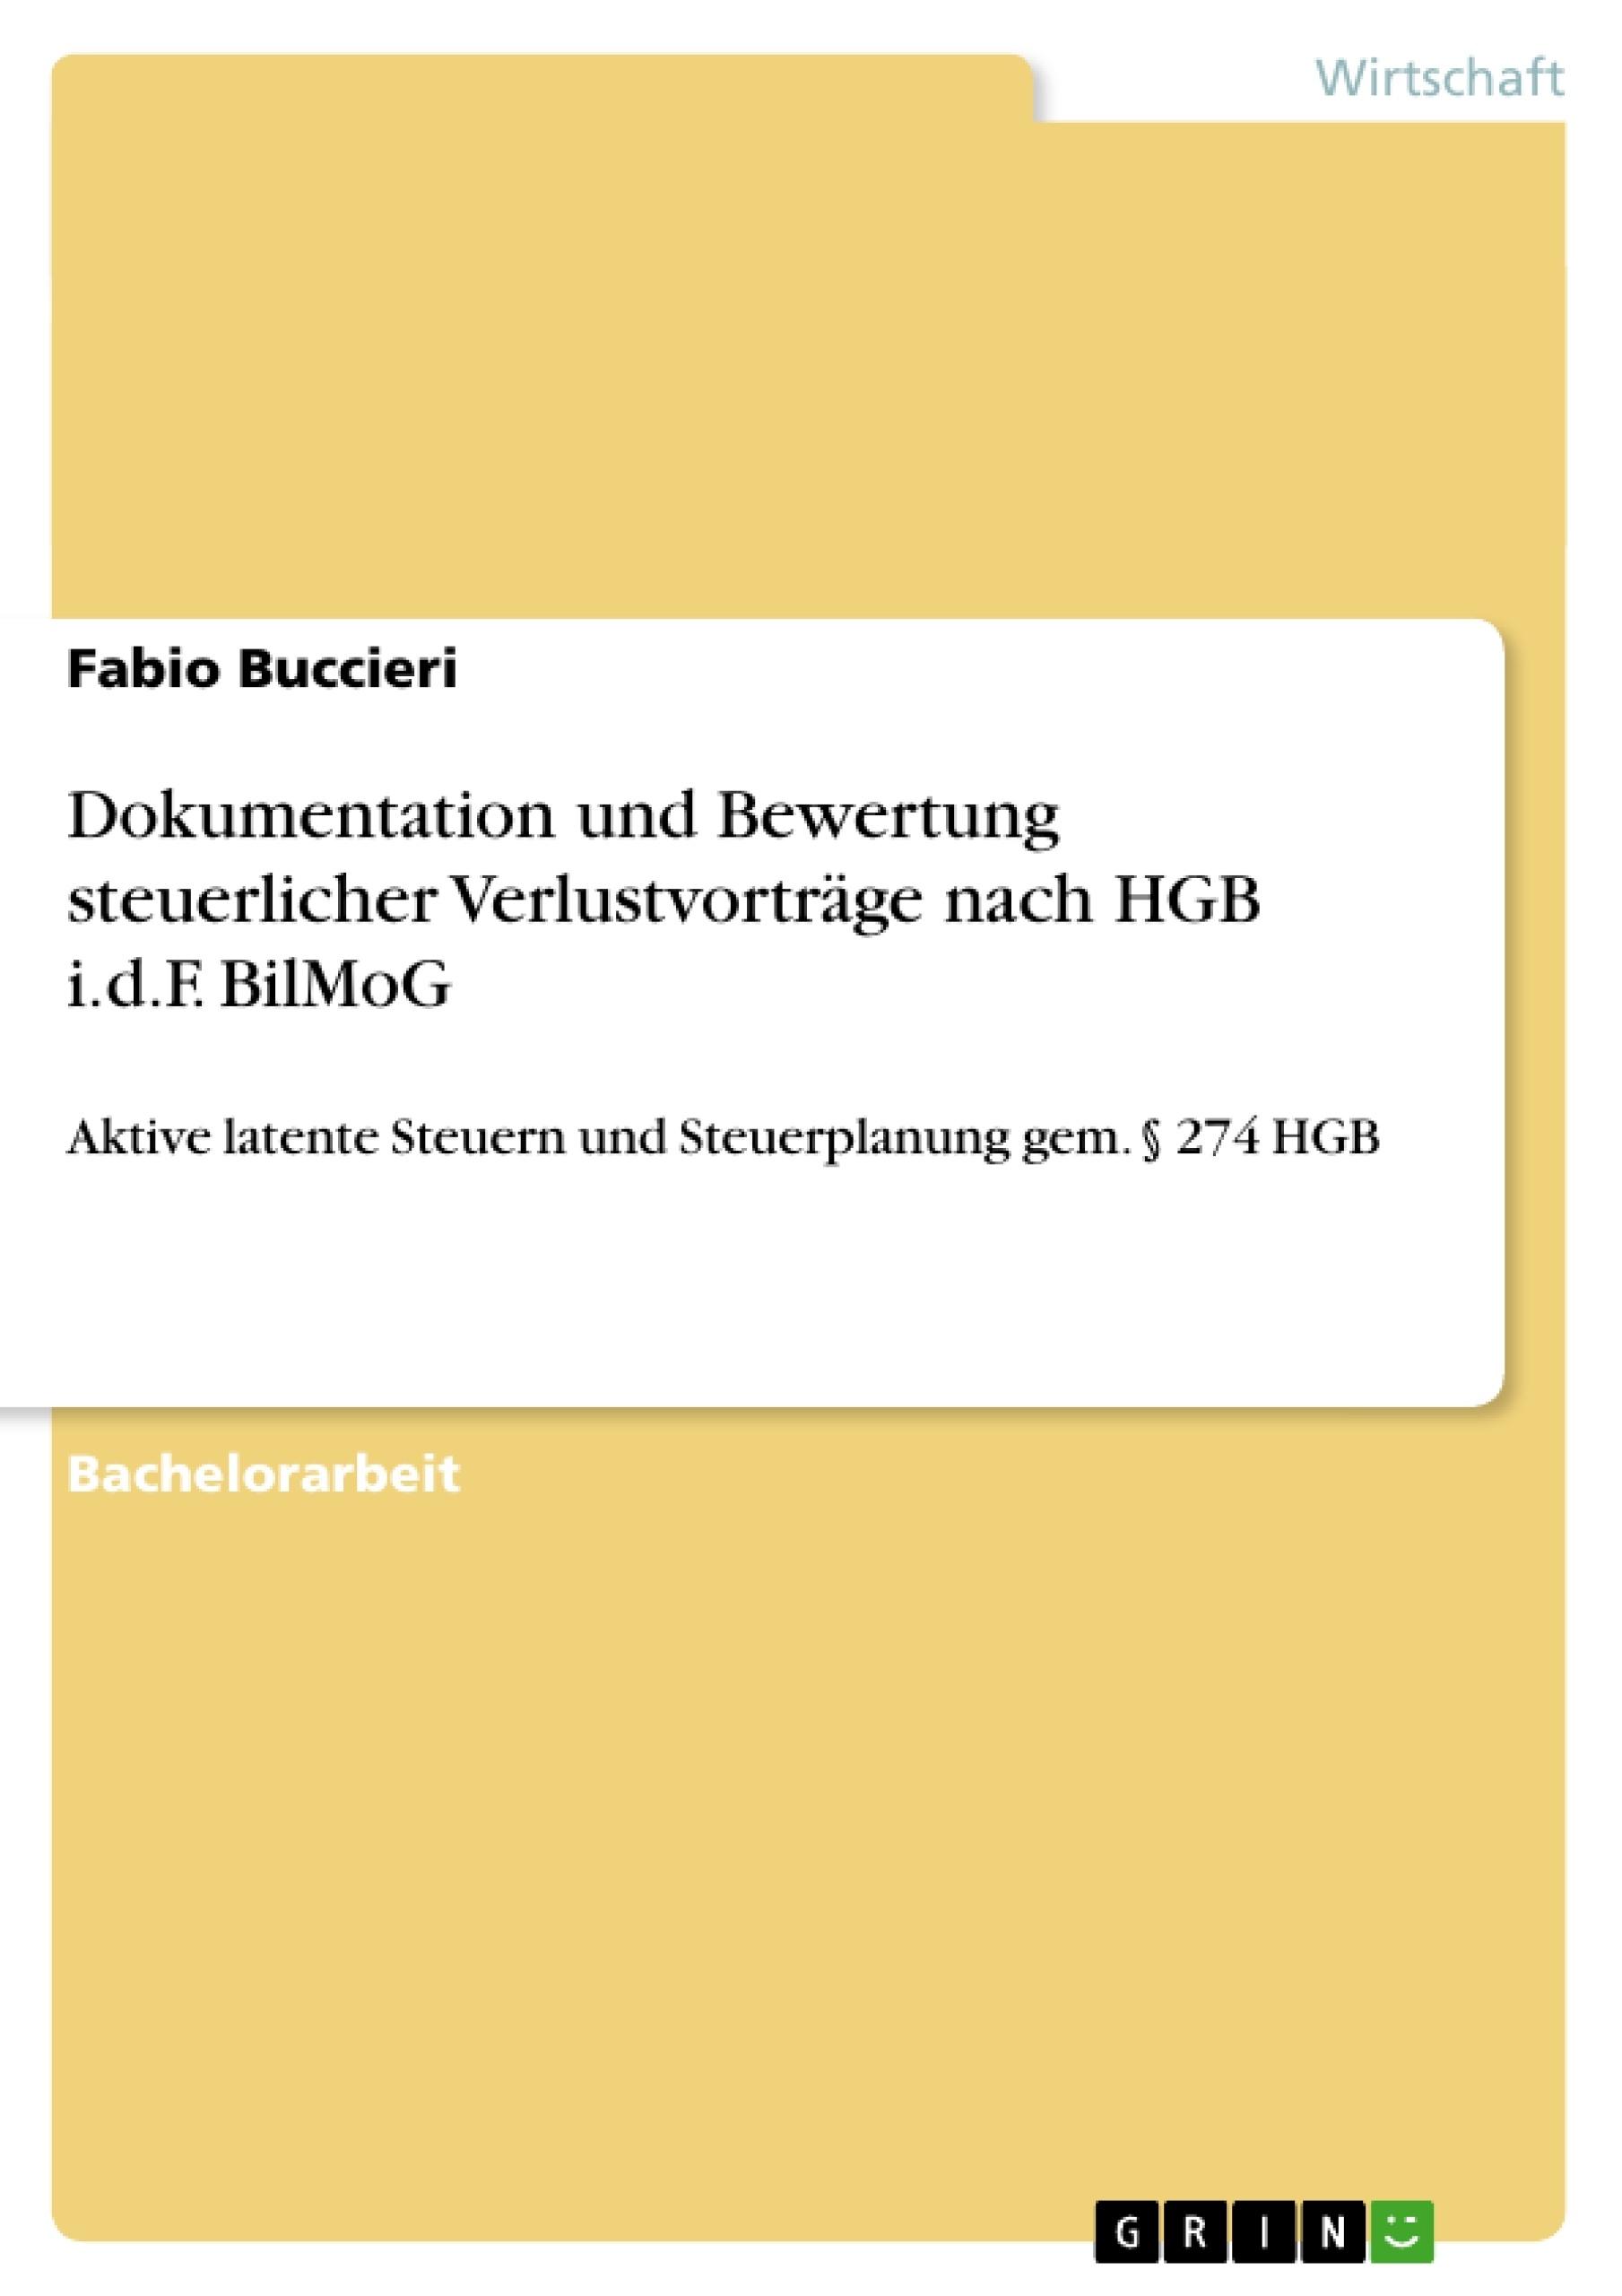 Titel: Dokumentation und Bewertung steuerlicher Verlustvorträge nach HGB i.d.F. BilMoG